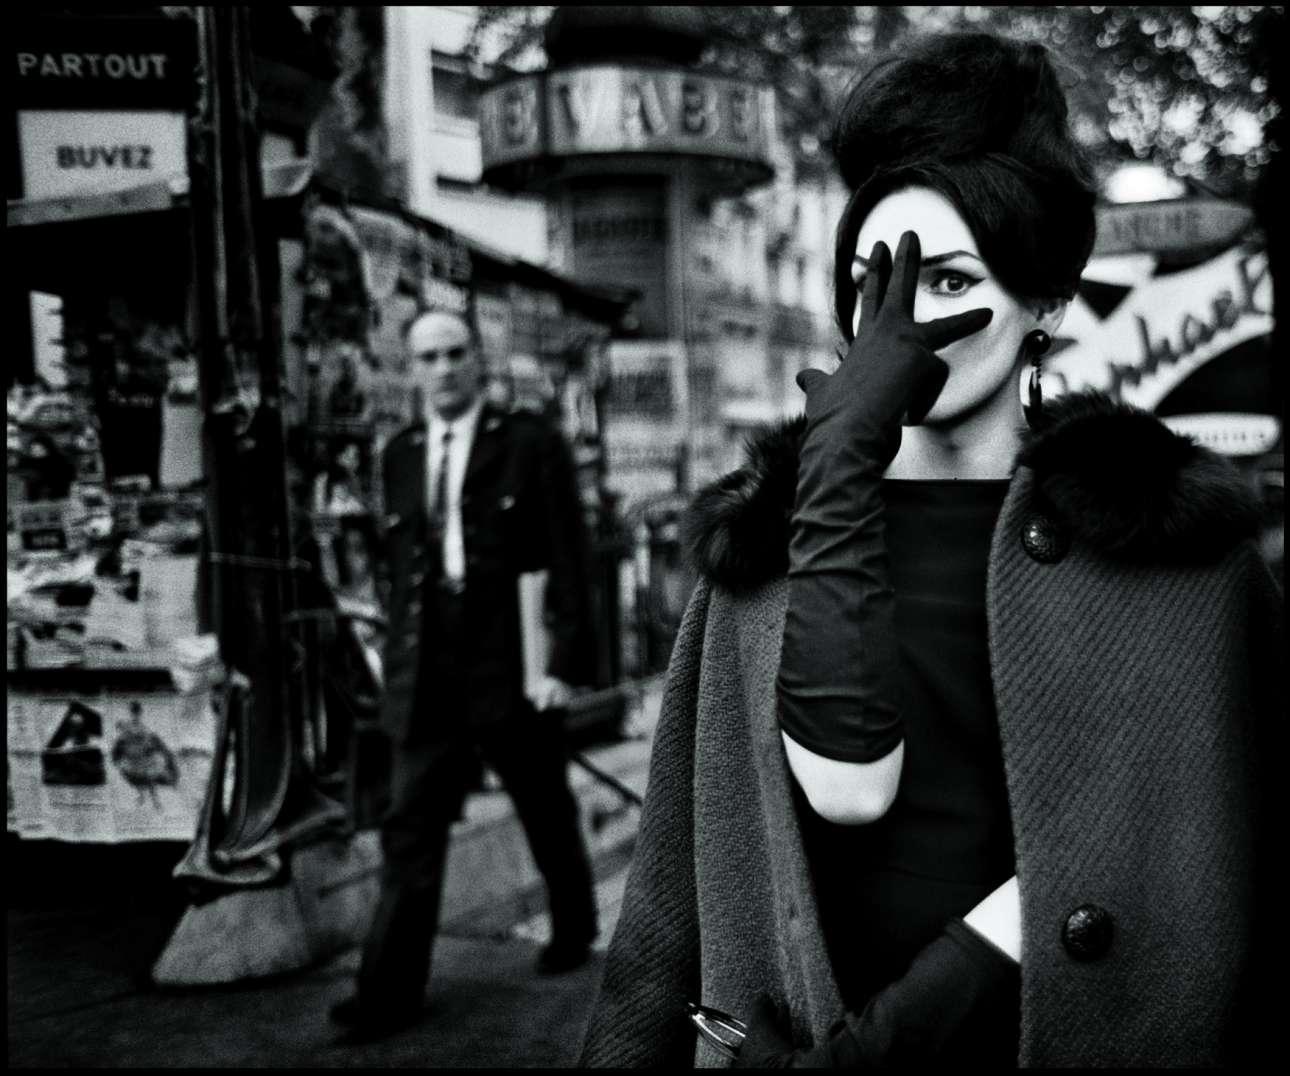 «Νανά», Παρίσι, 1961.  Ο σουηδός φωτογράφος Στρόμχολμ ξεκίνησε να δουλεύει στο Παρίσι τη δεκαετία του 1950. «Κάθε βράδυ έπαιρνα την πίπα μου, την παλιά μου Leica, μερικά ρολά Tri-X και τα κακά μου γαλλικά και πήγαινα στη μπρασερί στην Place Blanche. Ολοι γνώριζαν τι έκανα. Ποτέ δεν φωτογράφισα στα κρυφά. Δεν χρησιμοποιούσα φλας αλλά αντιθέτως αξιοποιούσα το διαθέσιμο, συχνά νέον, φως που υπήρχε» λέει ο φωτογράφος, διάσημος για τα υπέροχα ασπρόμαυρα πορτρέτα του